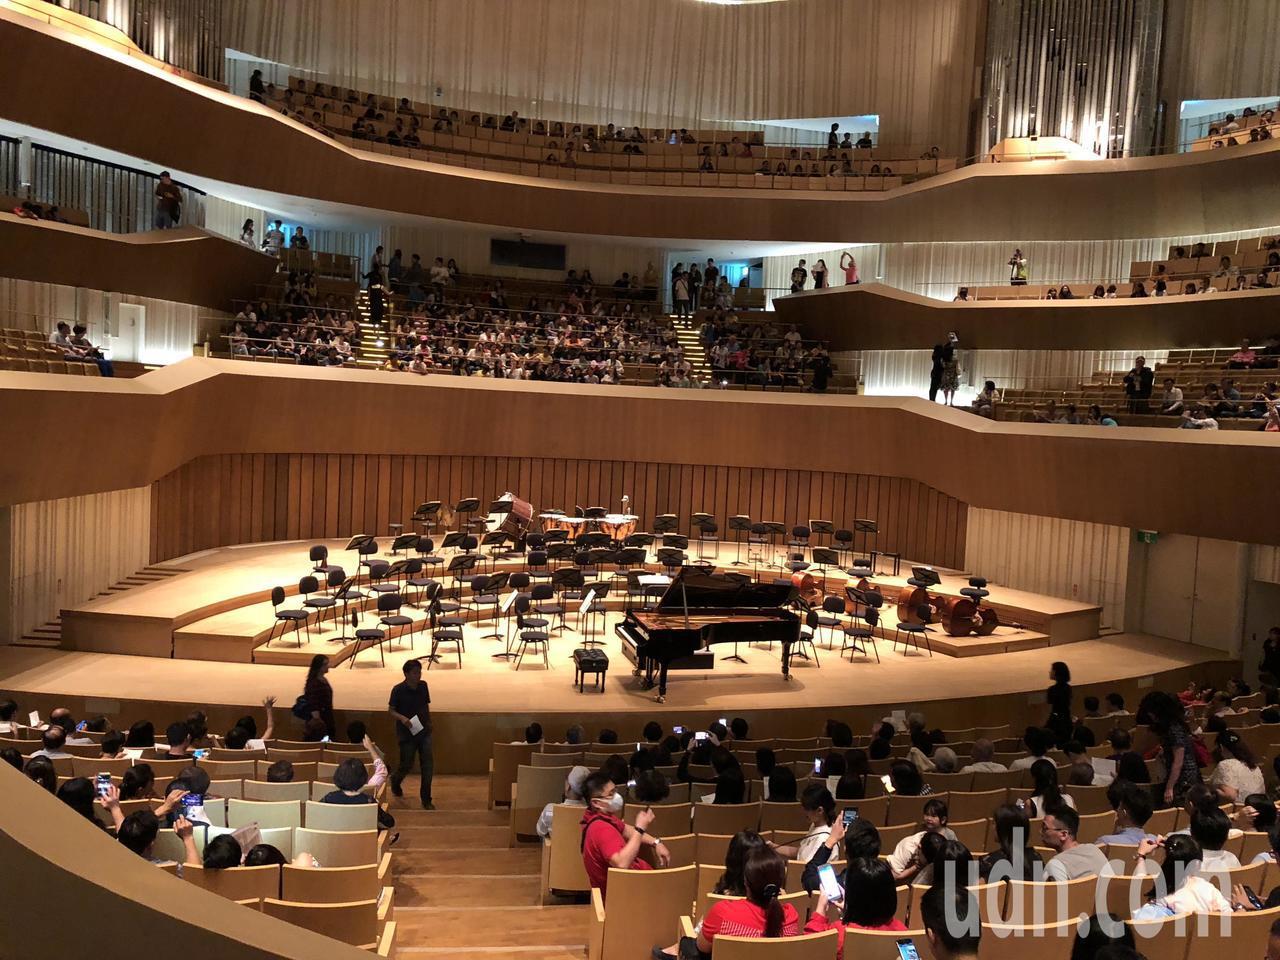 Muzik雜誌副總編連士堯發現衛武營音樂廳一樓座位雖具震撼性,但二樓整體聲音平衡...